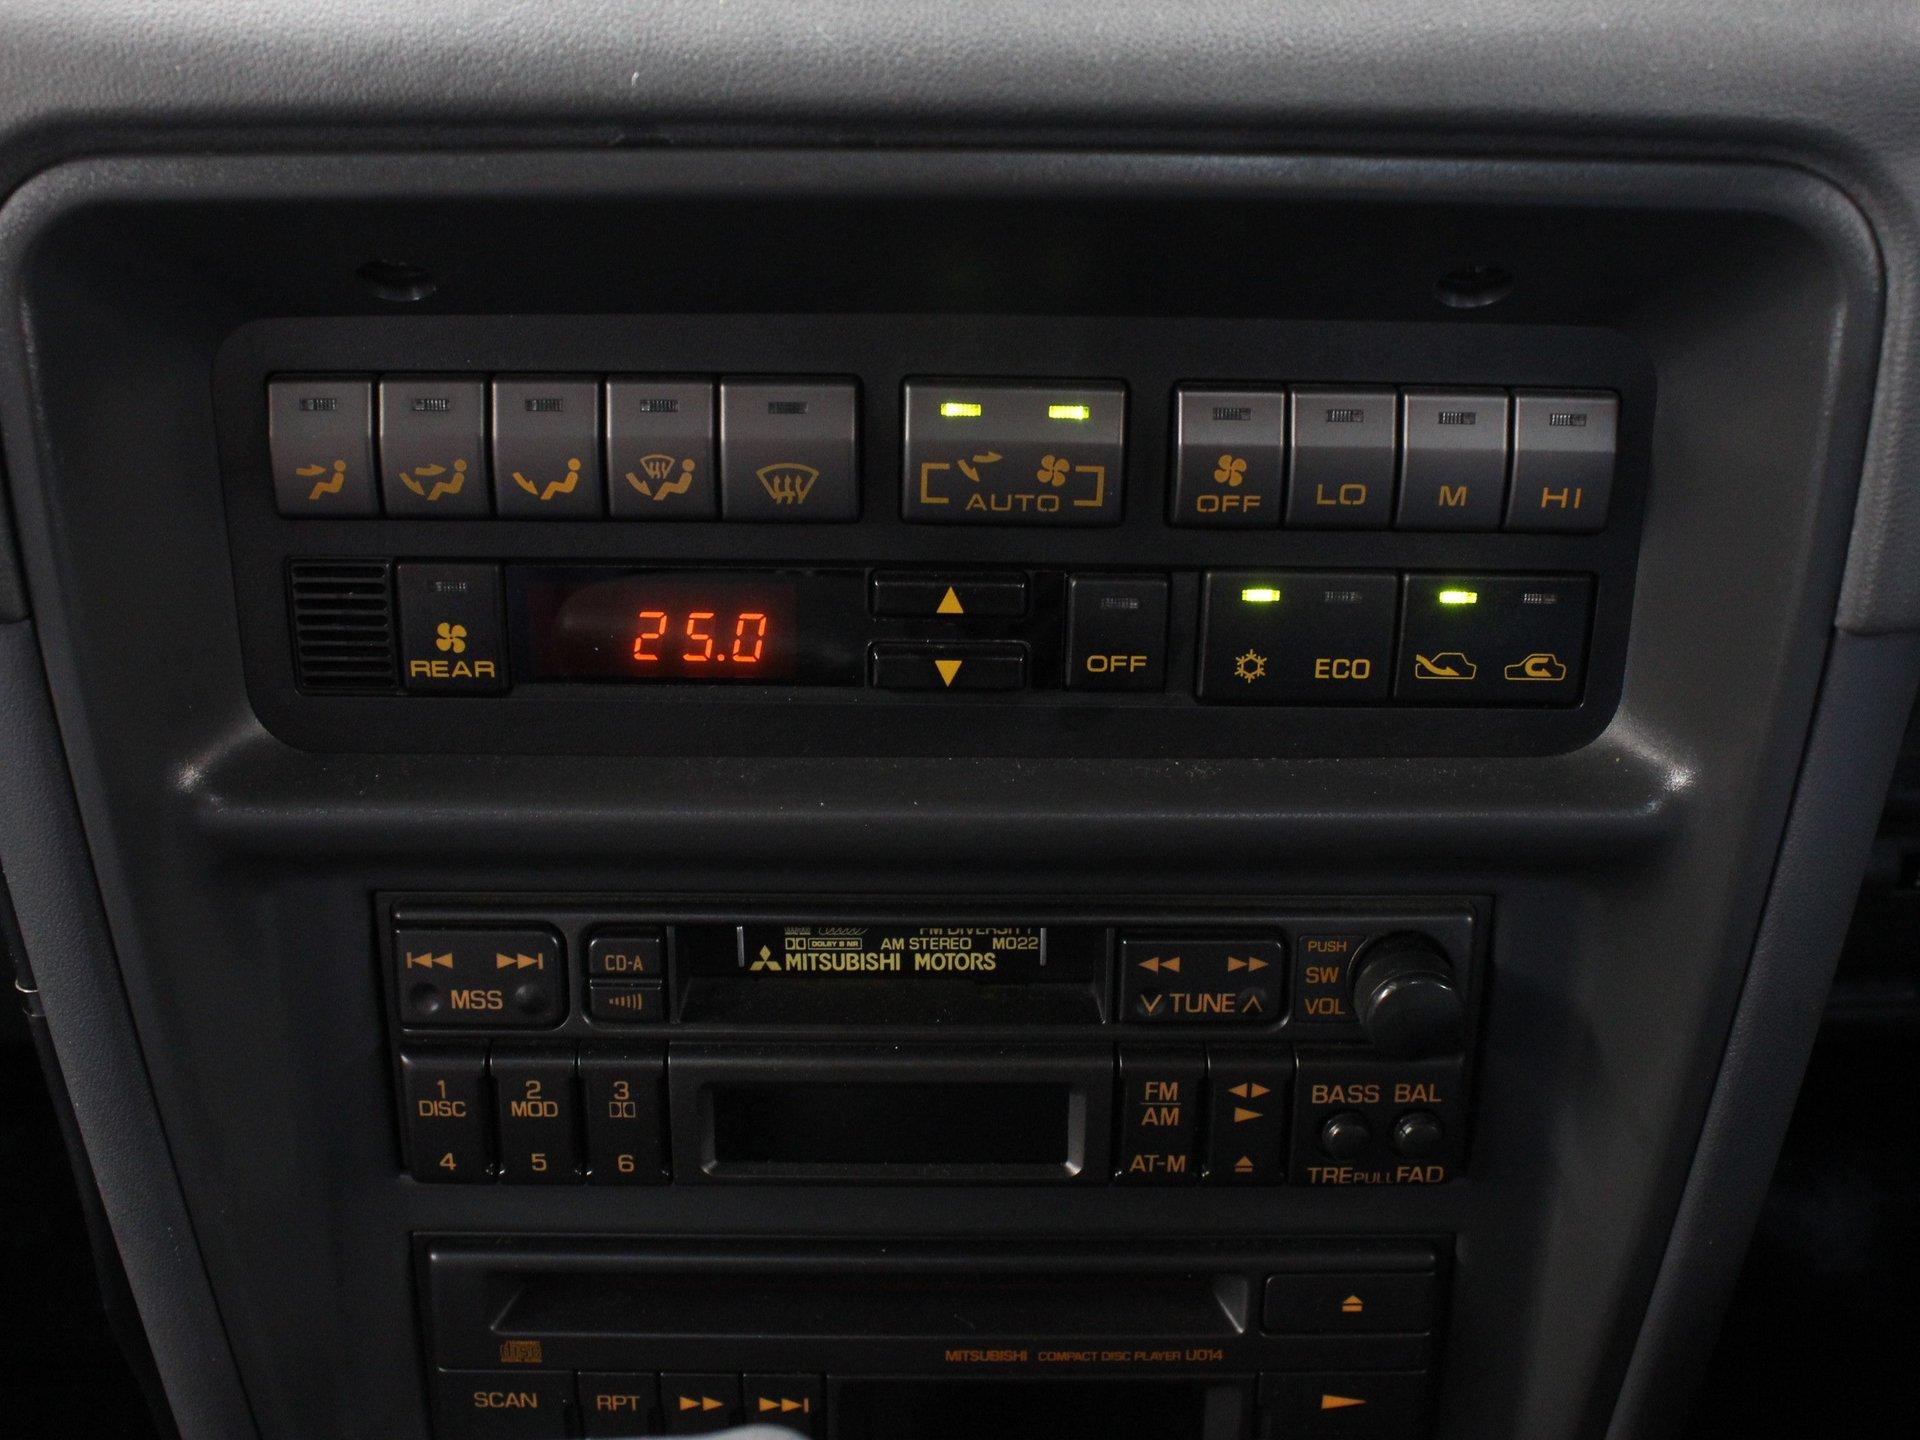 1995 Mitsubishi Pajero